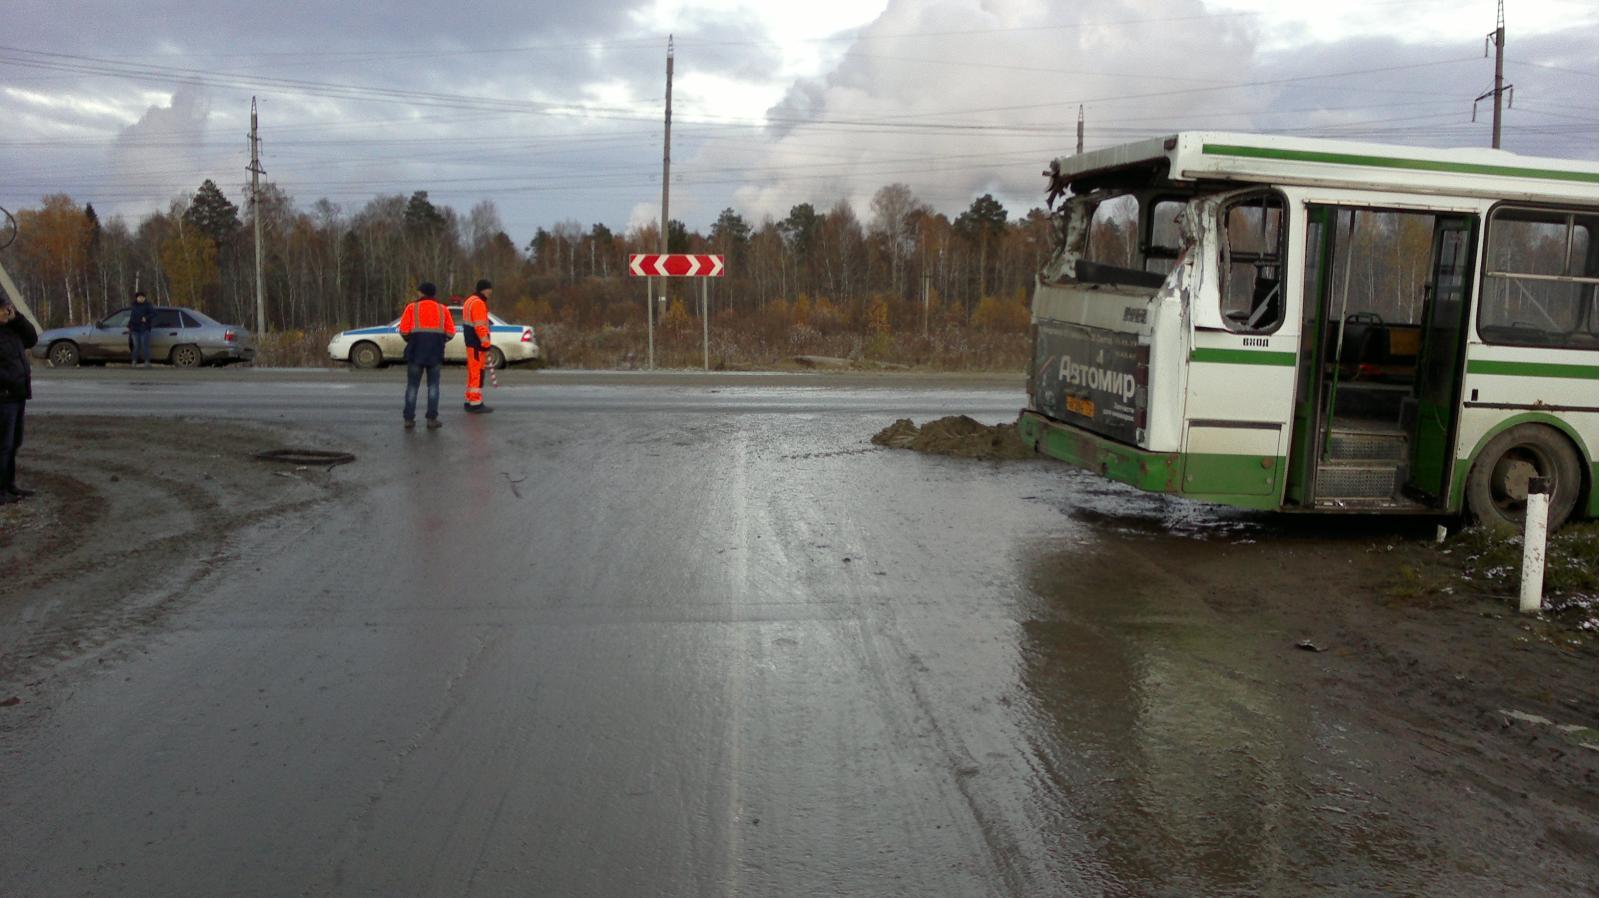 Детали ДТП наповороте вЕршовку: трагедию с фургоном спровоцировал шофёр автобуса